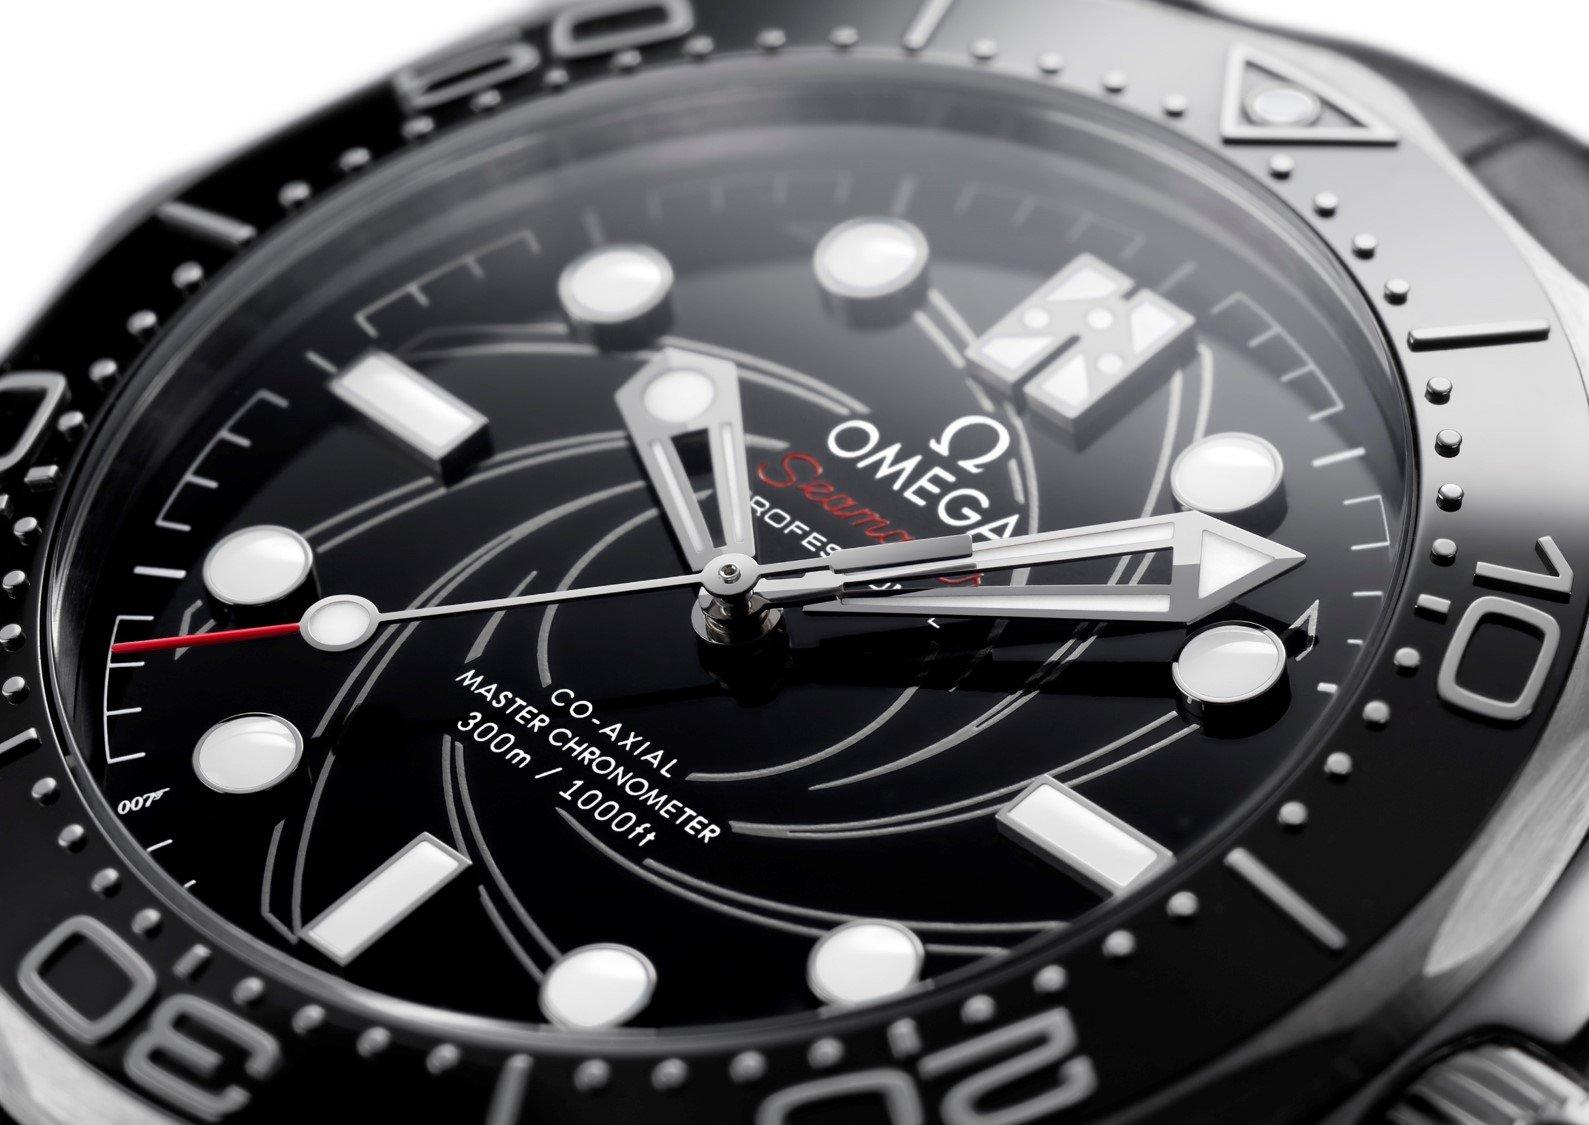 לוגו ה-007 מסתתר בשעה 7. מקור - TimeandTideWatches.